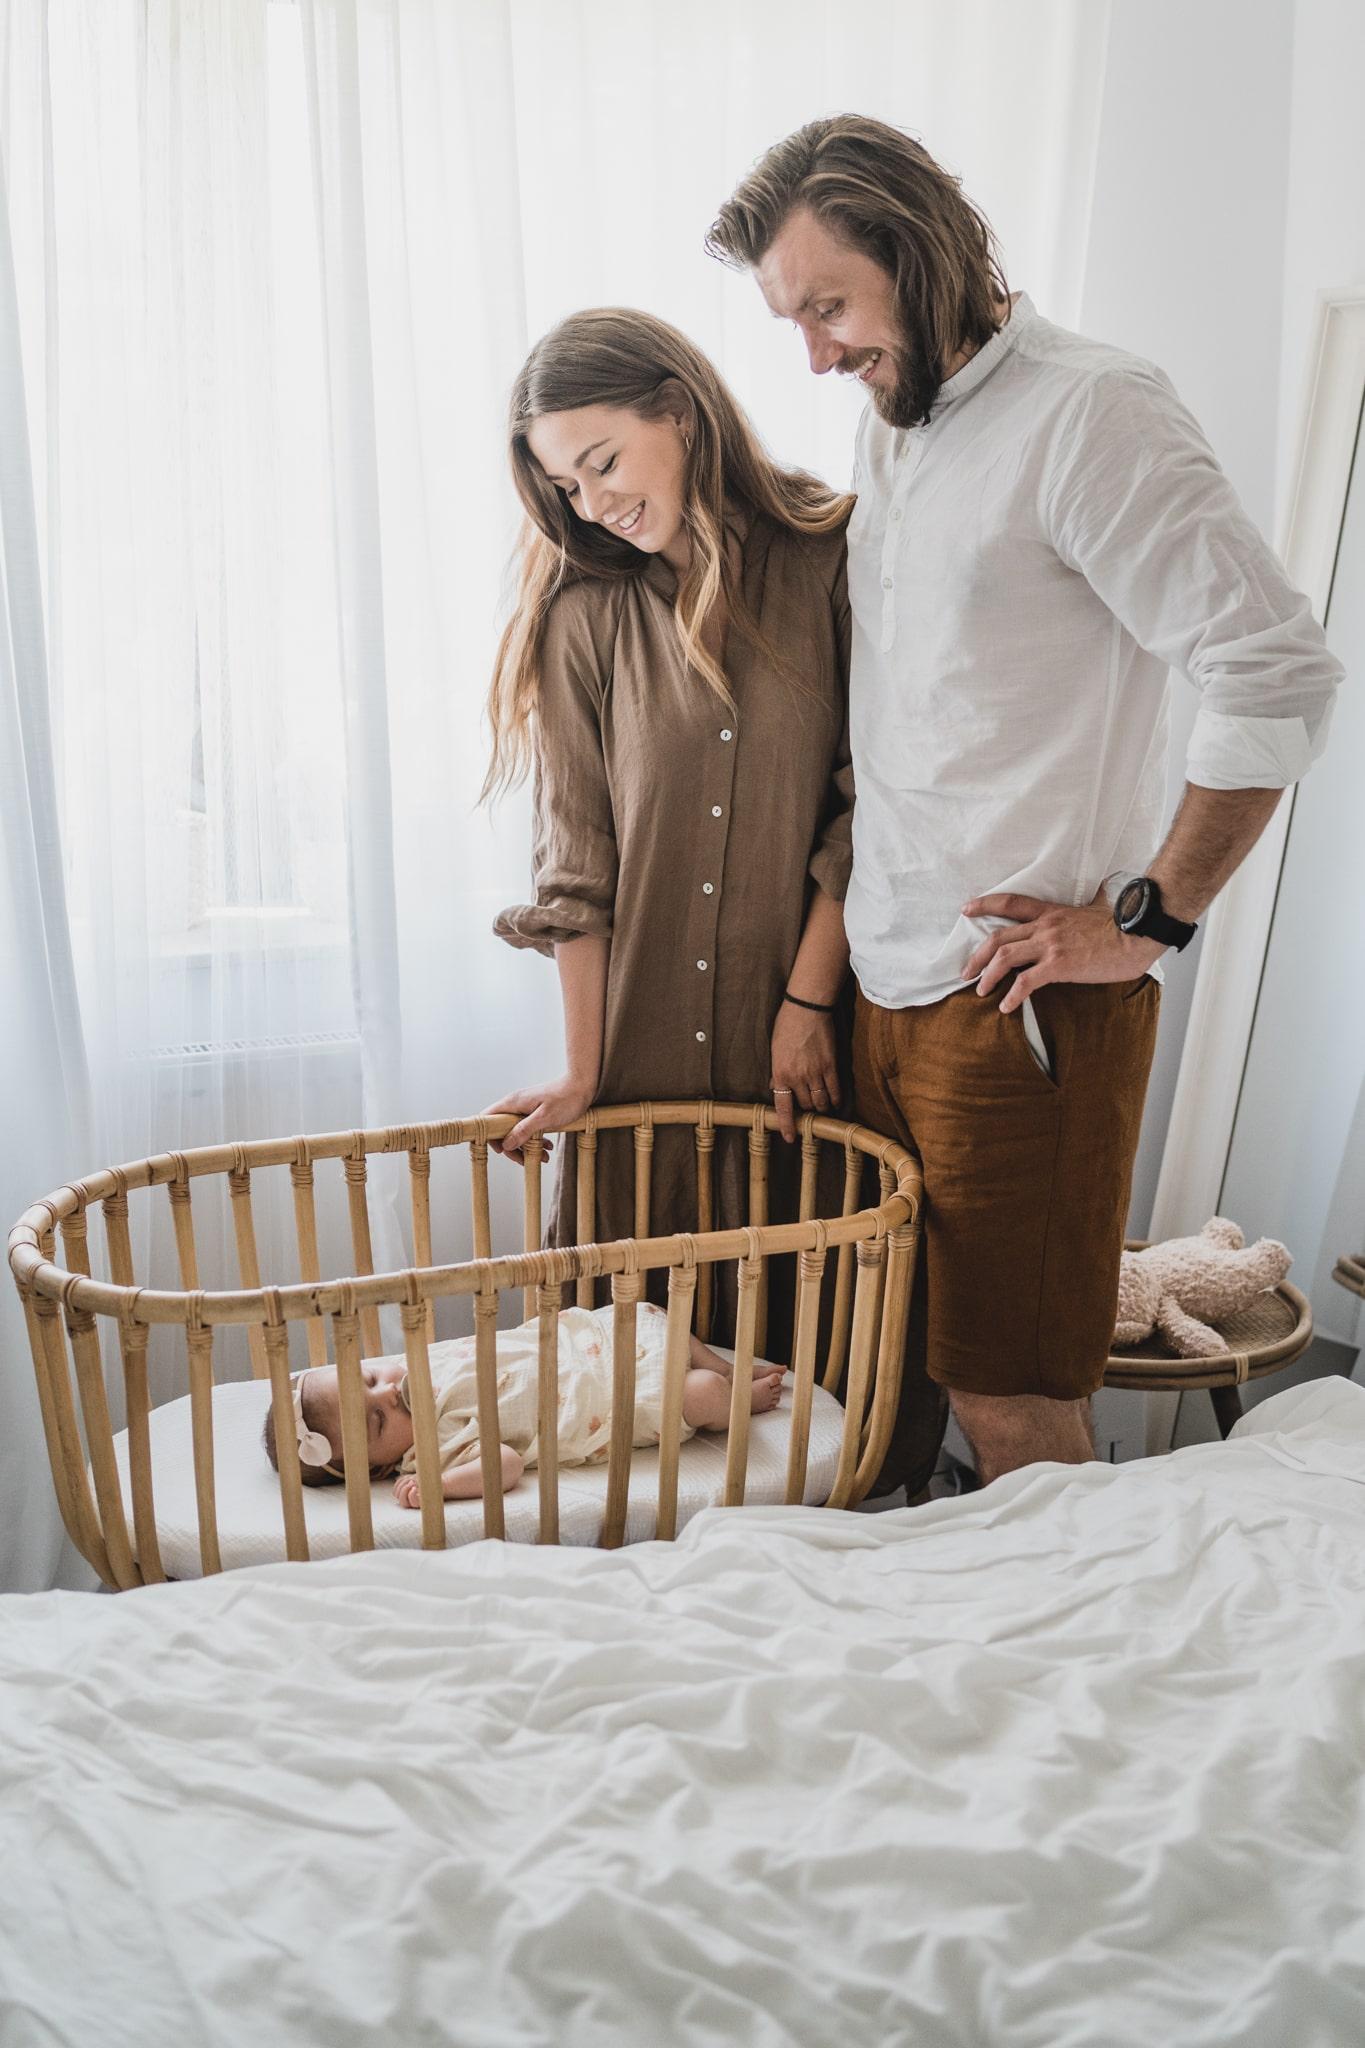 naturalna sesja noworodkowa w domu